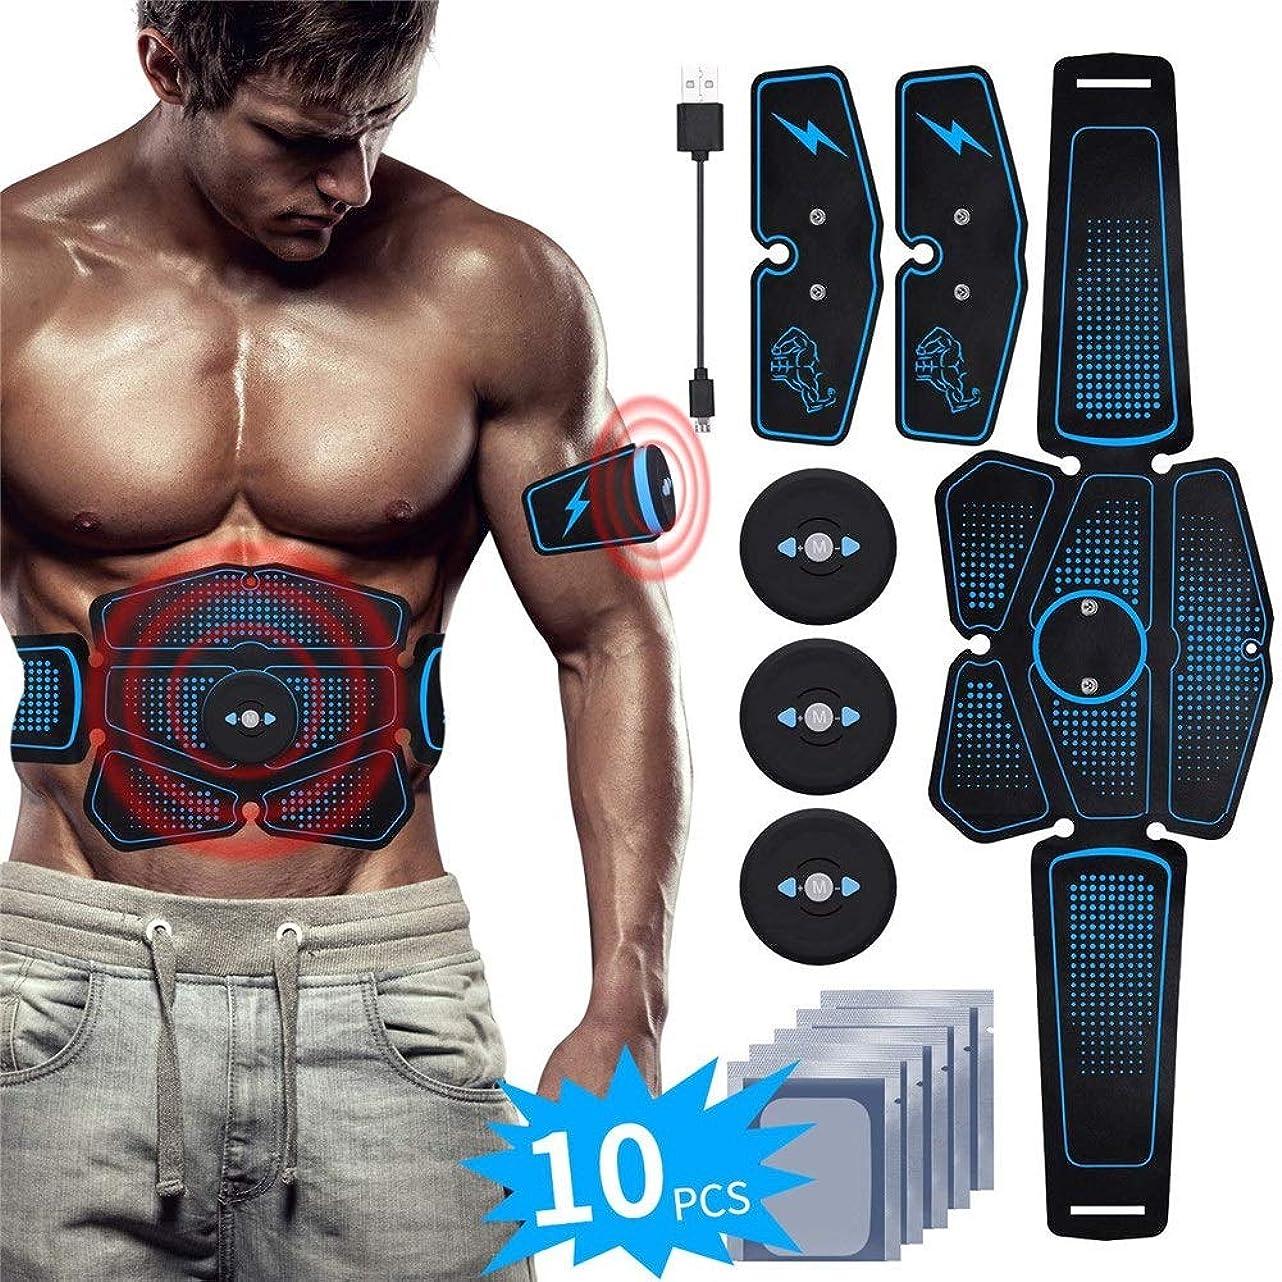 液化する暗殺する等しいRIRGI筋肉刺激装置、EMS Absトレーナーポータブル腹部筋肉トナー腹部/腕/太もも/脚マッサージャー男女兼用USB充電式